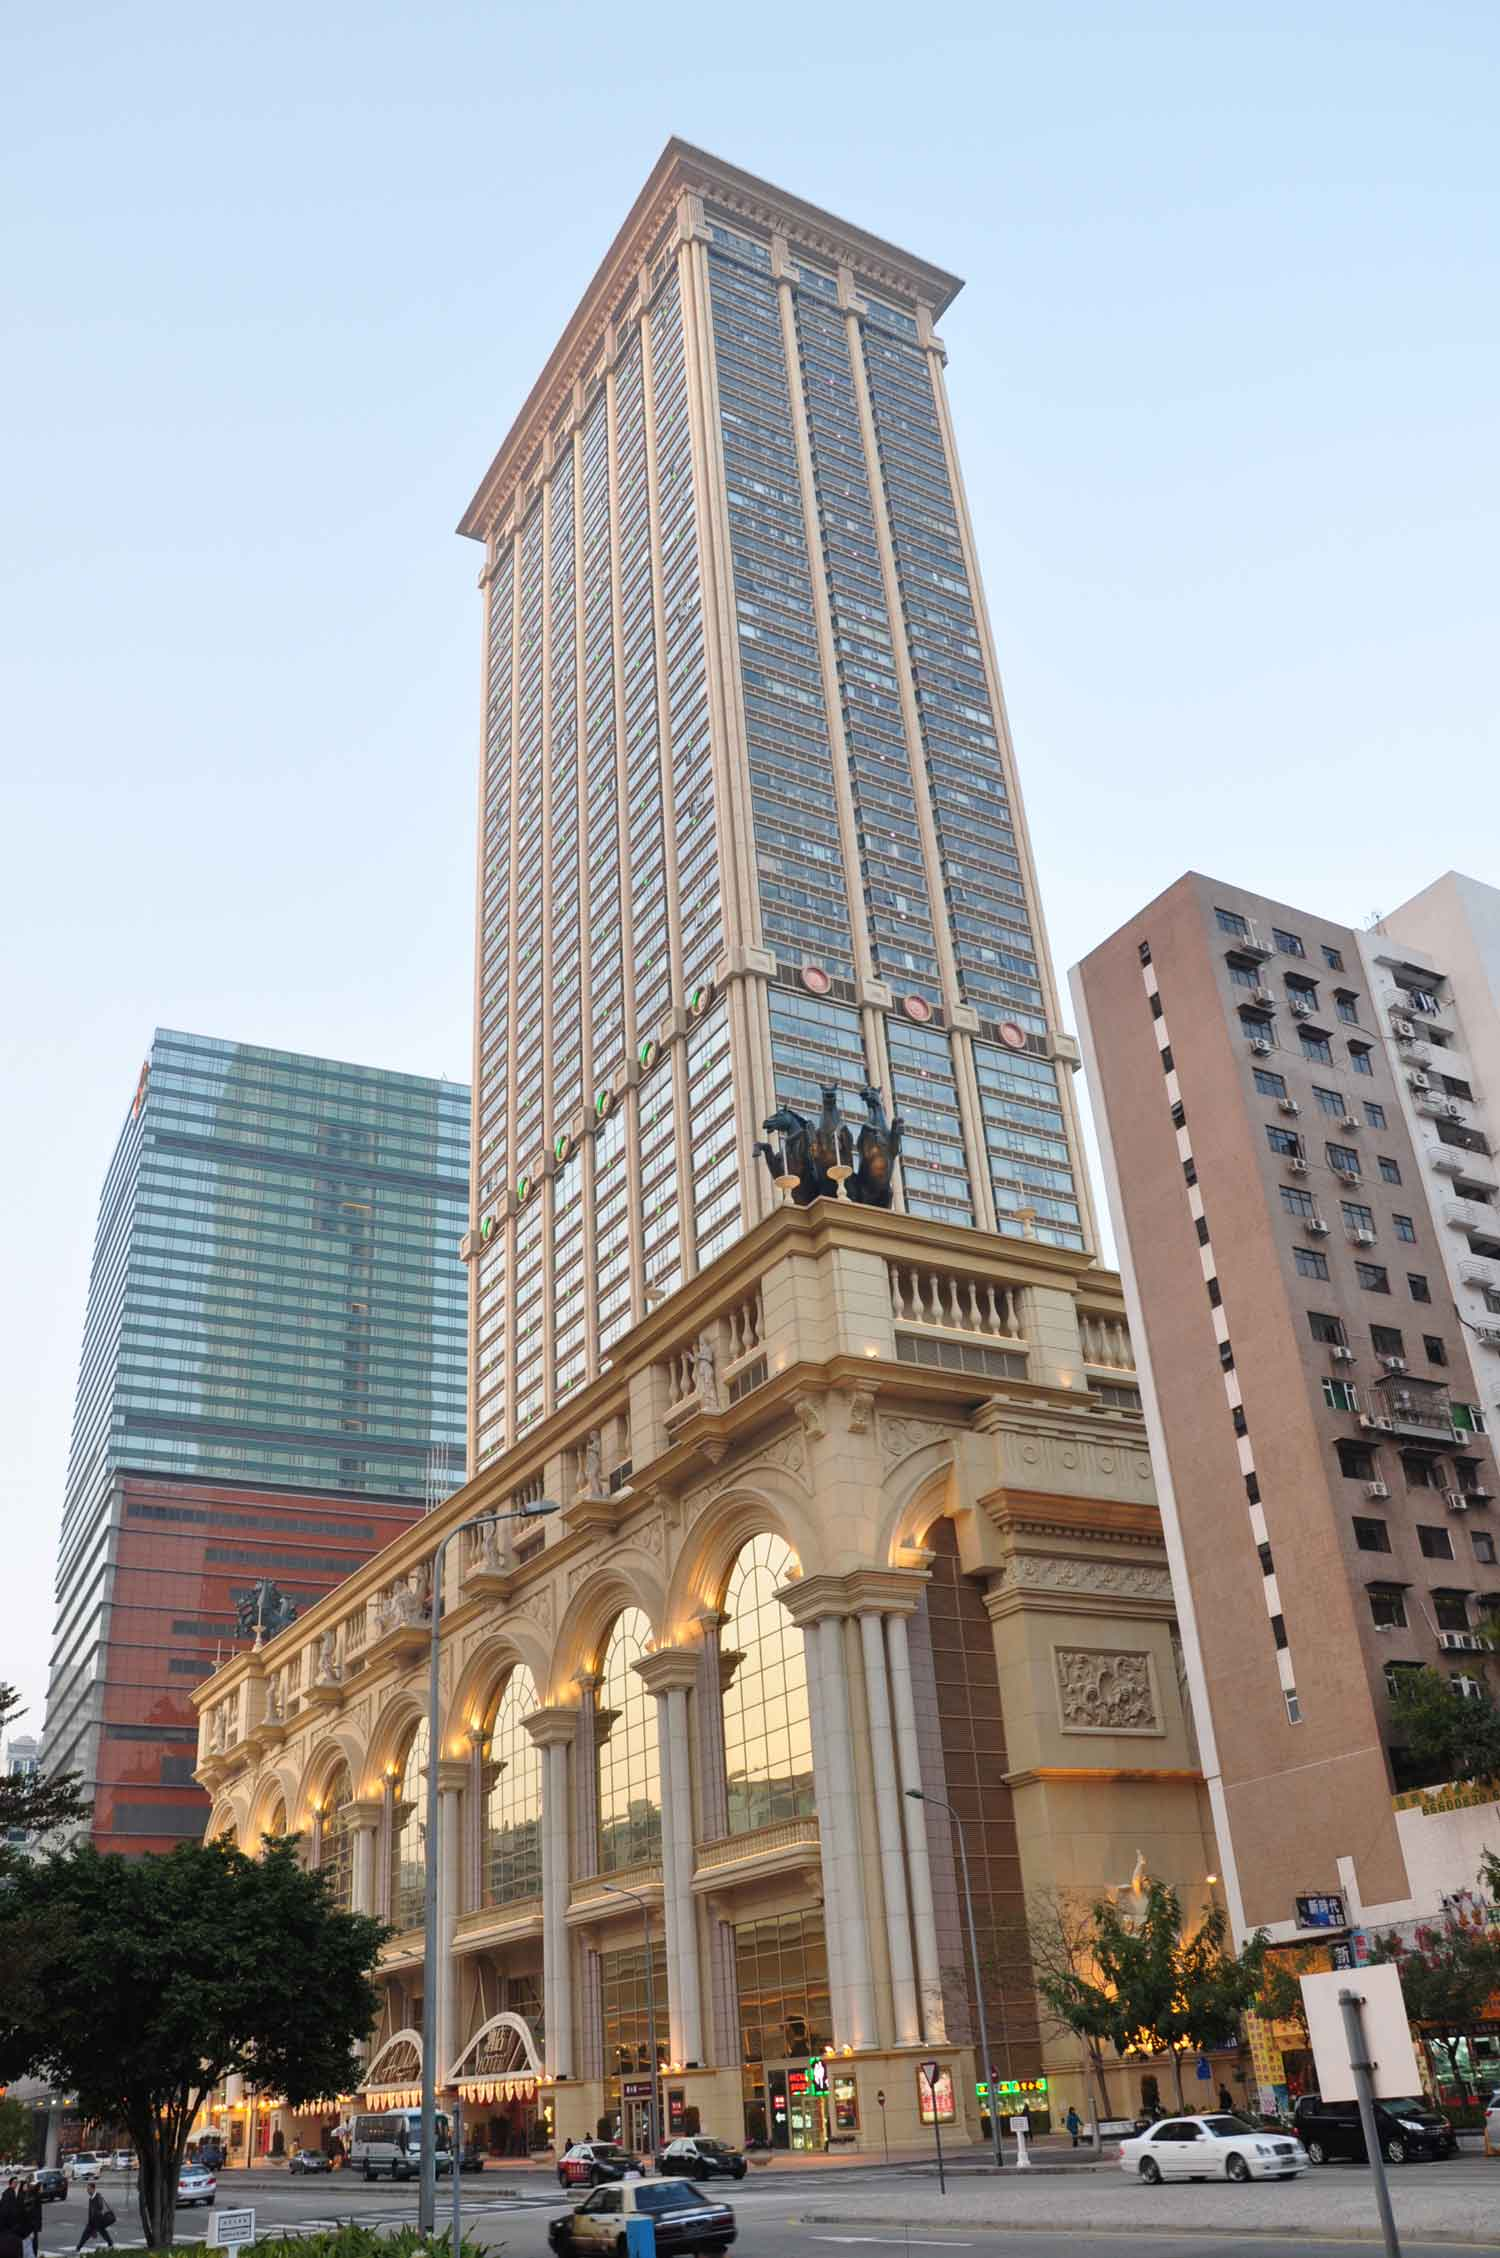 L'Arc Macau hotel and casino